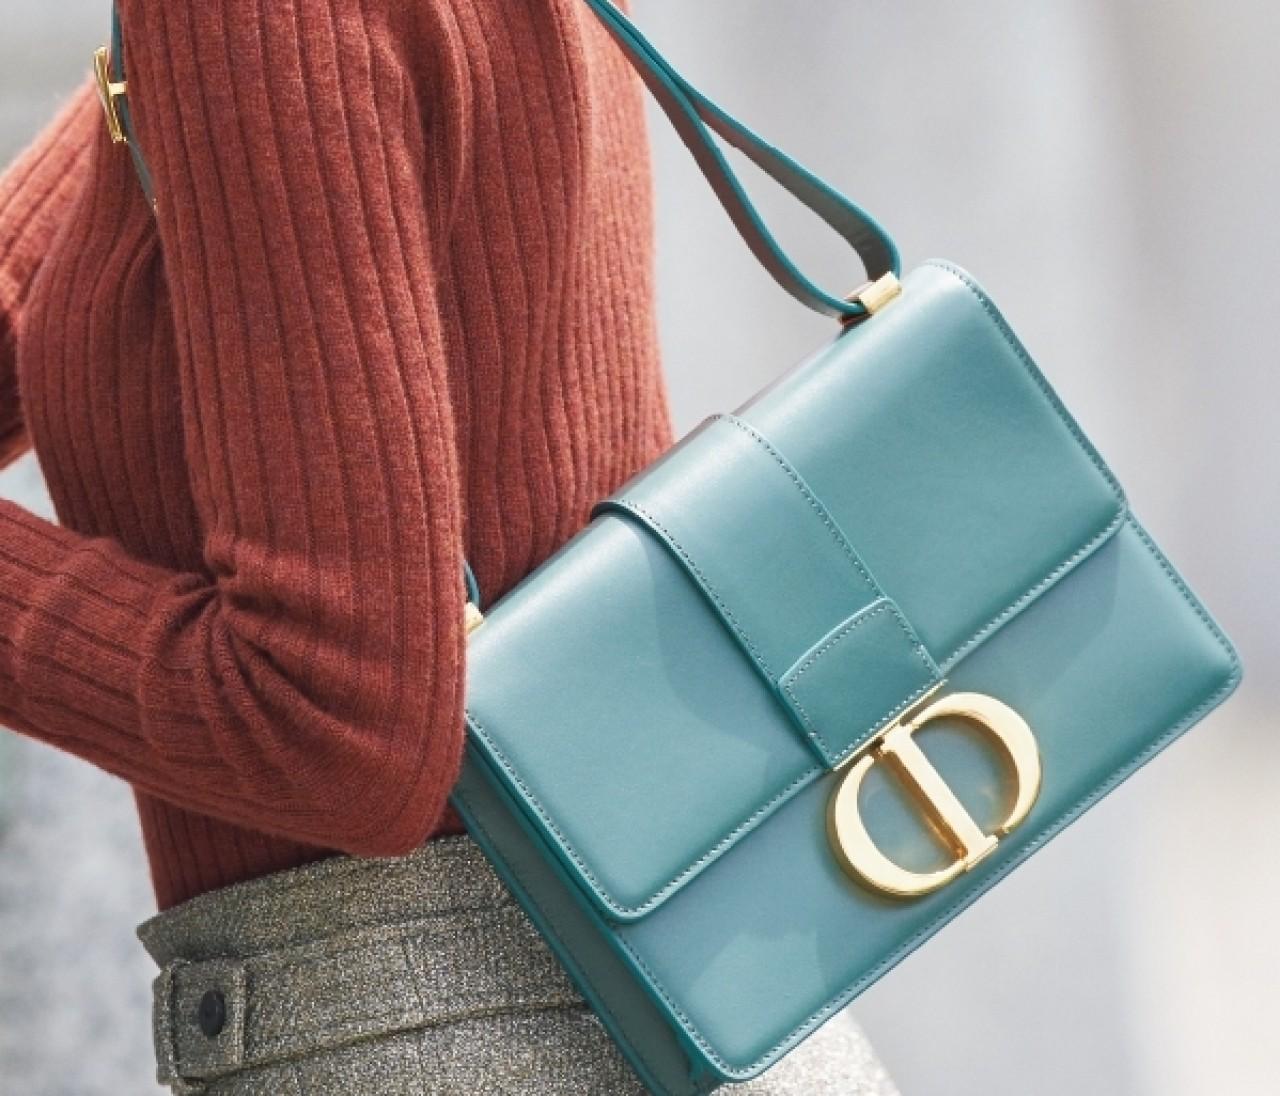 【一生ものバッグまとめ】流行りも年代も関係なく長く愛せる名品バッグ